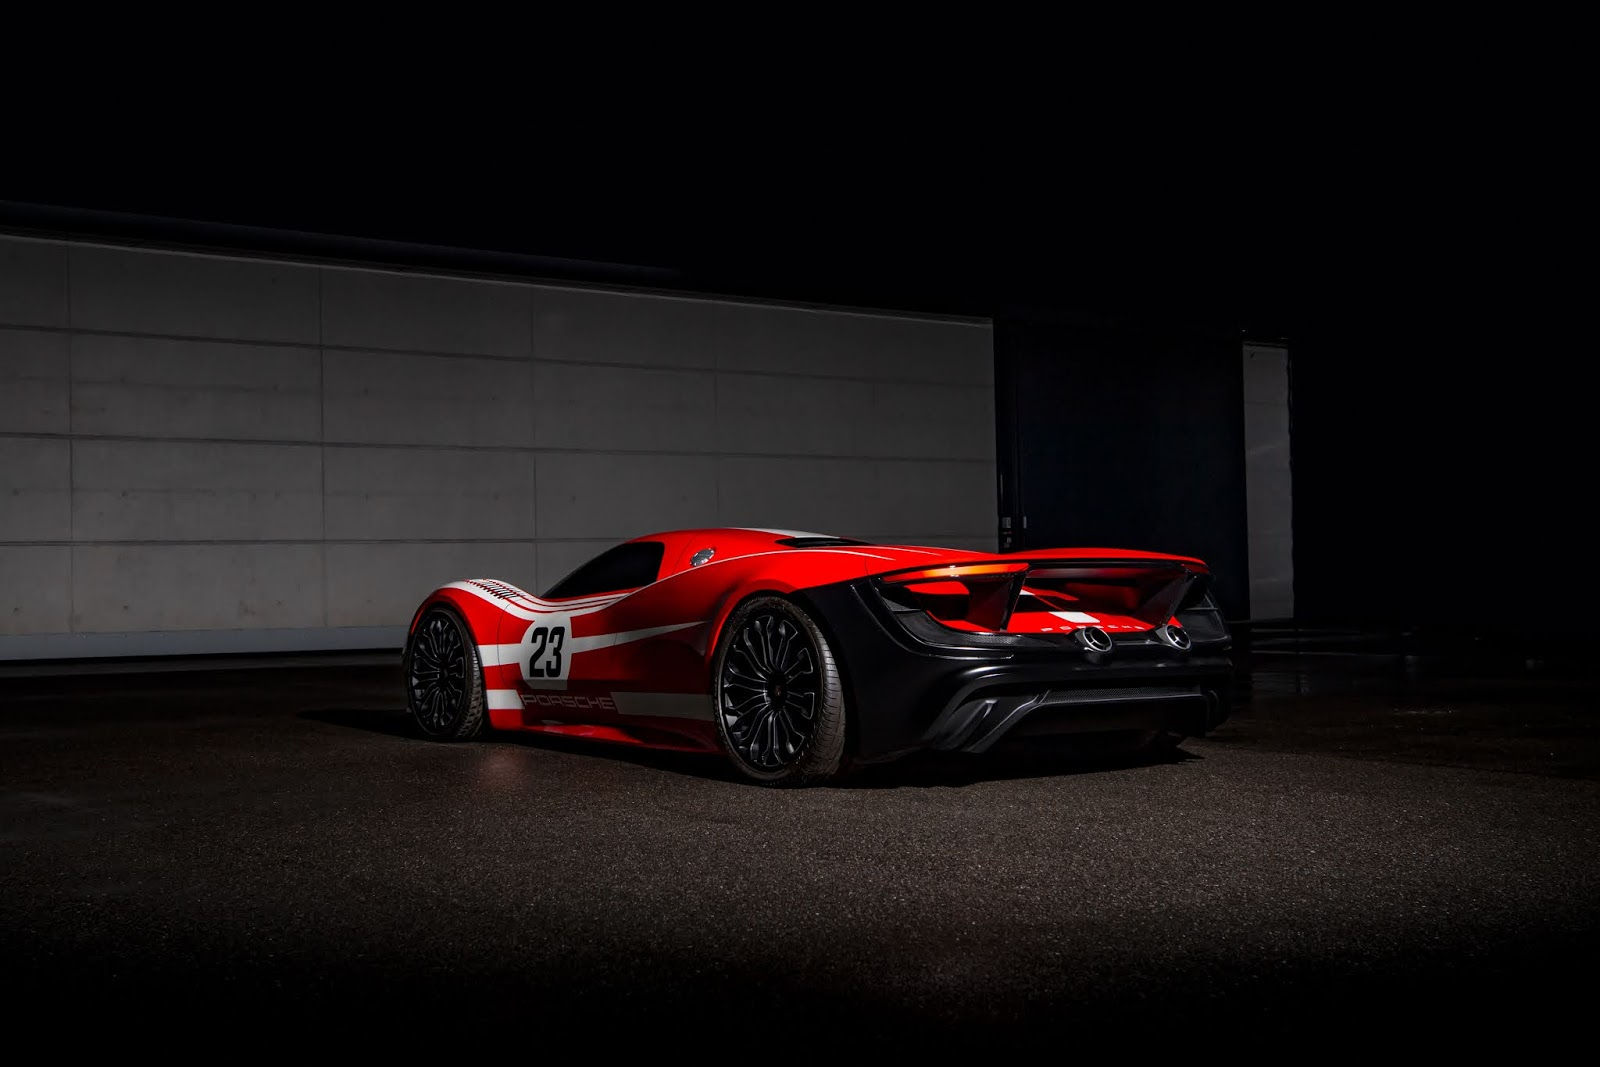 POR2258 2 Τα άγνωστα Hypercars της Porsche hypercar, Porsche, Porsche Unseen, Sunday, supercar, supercars, zblog, ειδήσεις